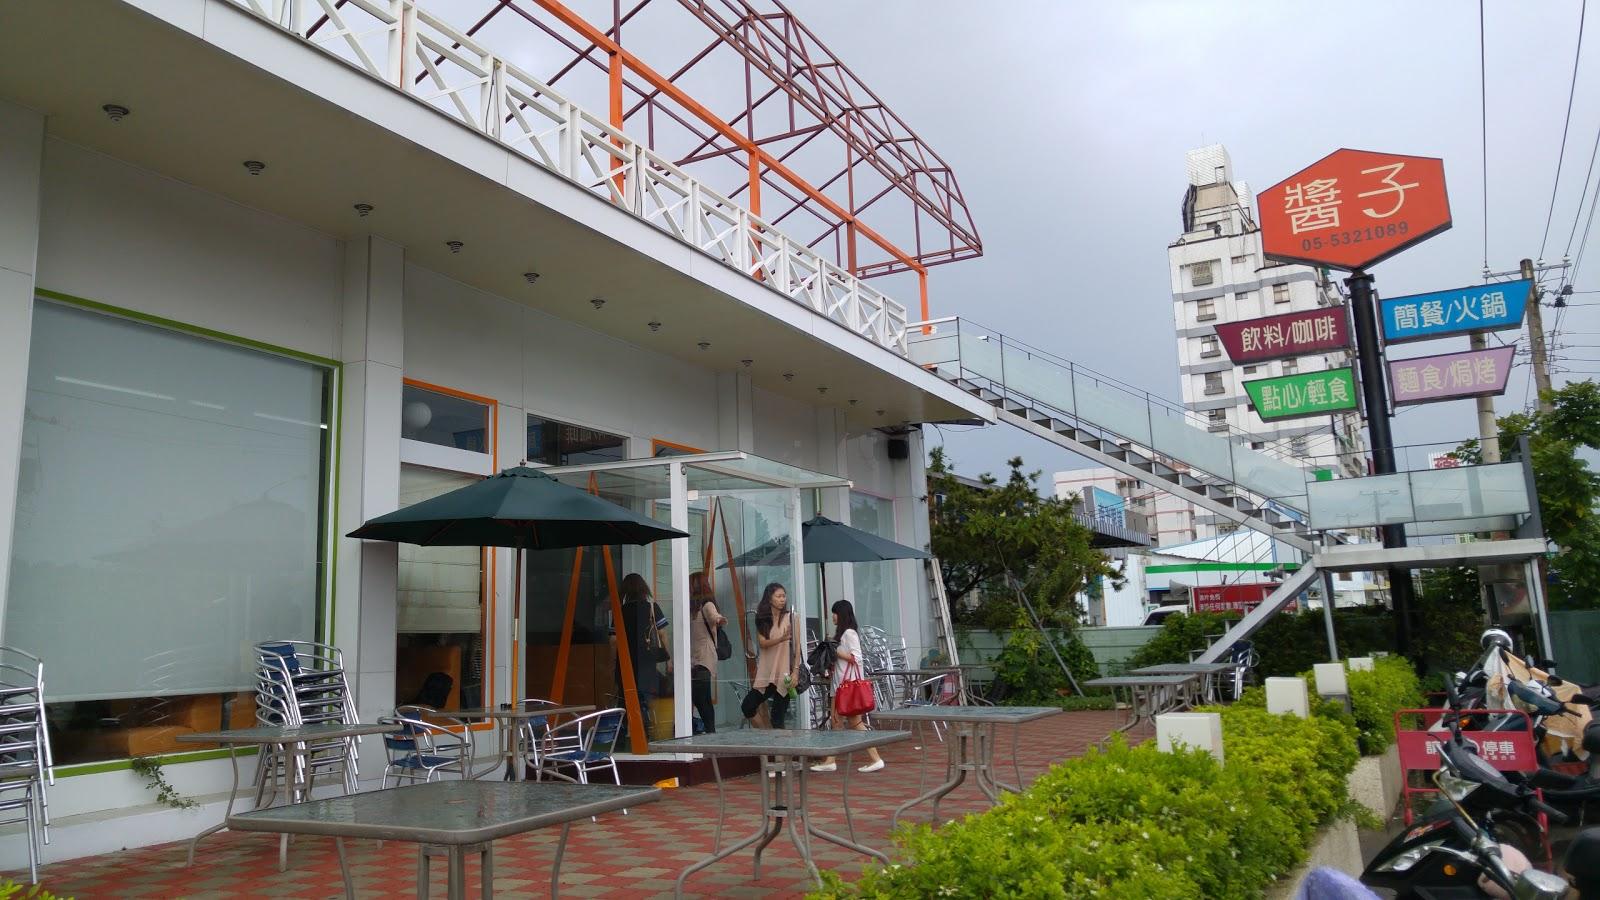 斗六-醬子複合美食餐廳 朋友聚聚下午茶